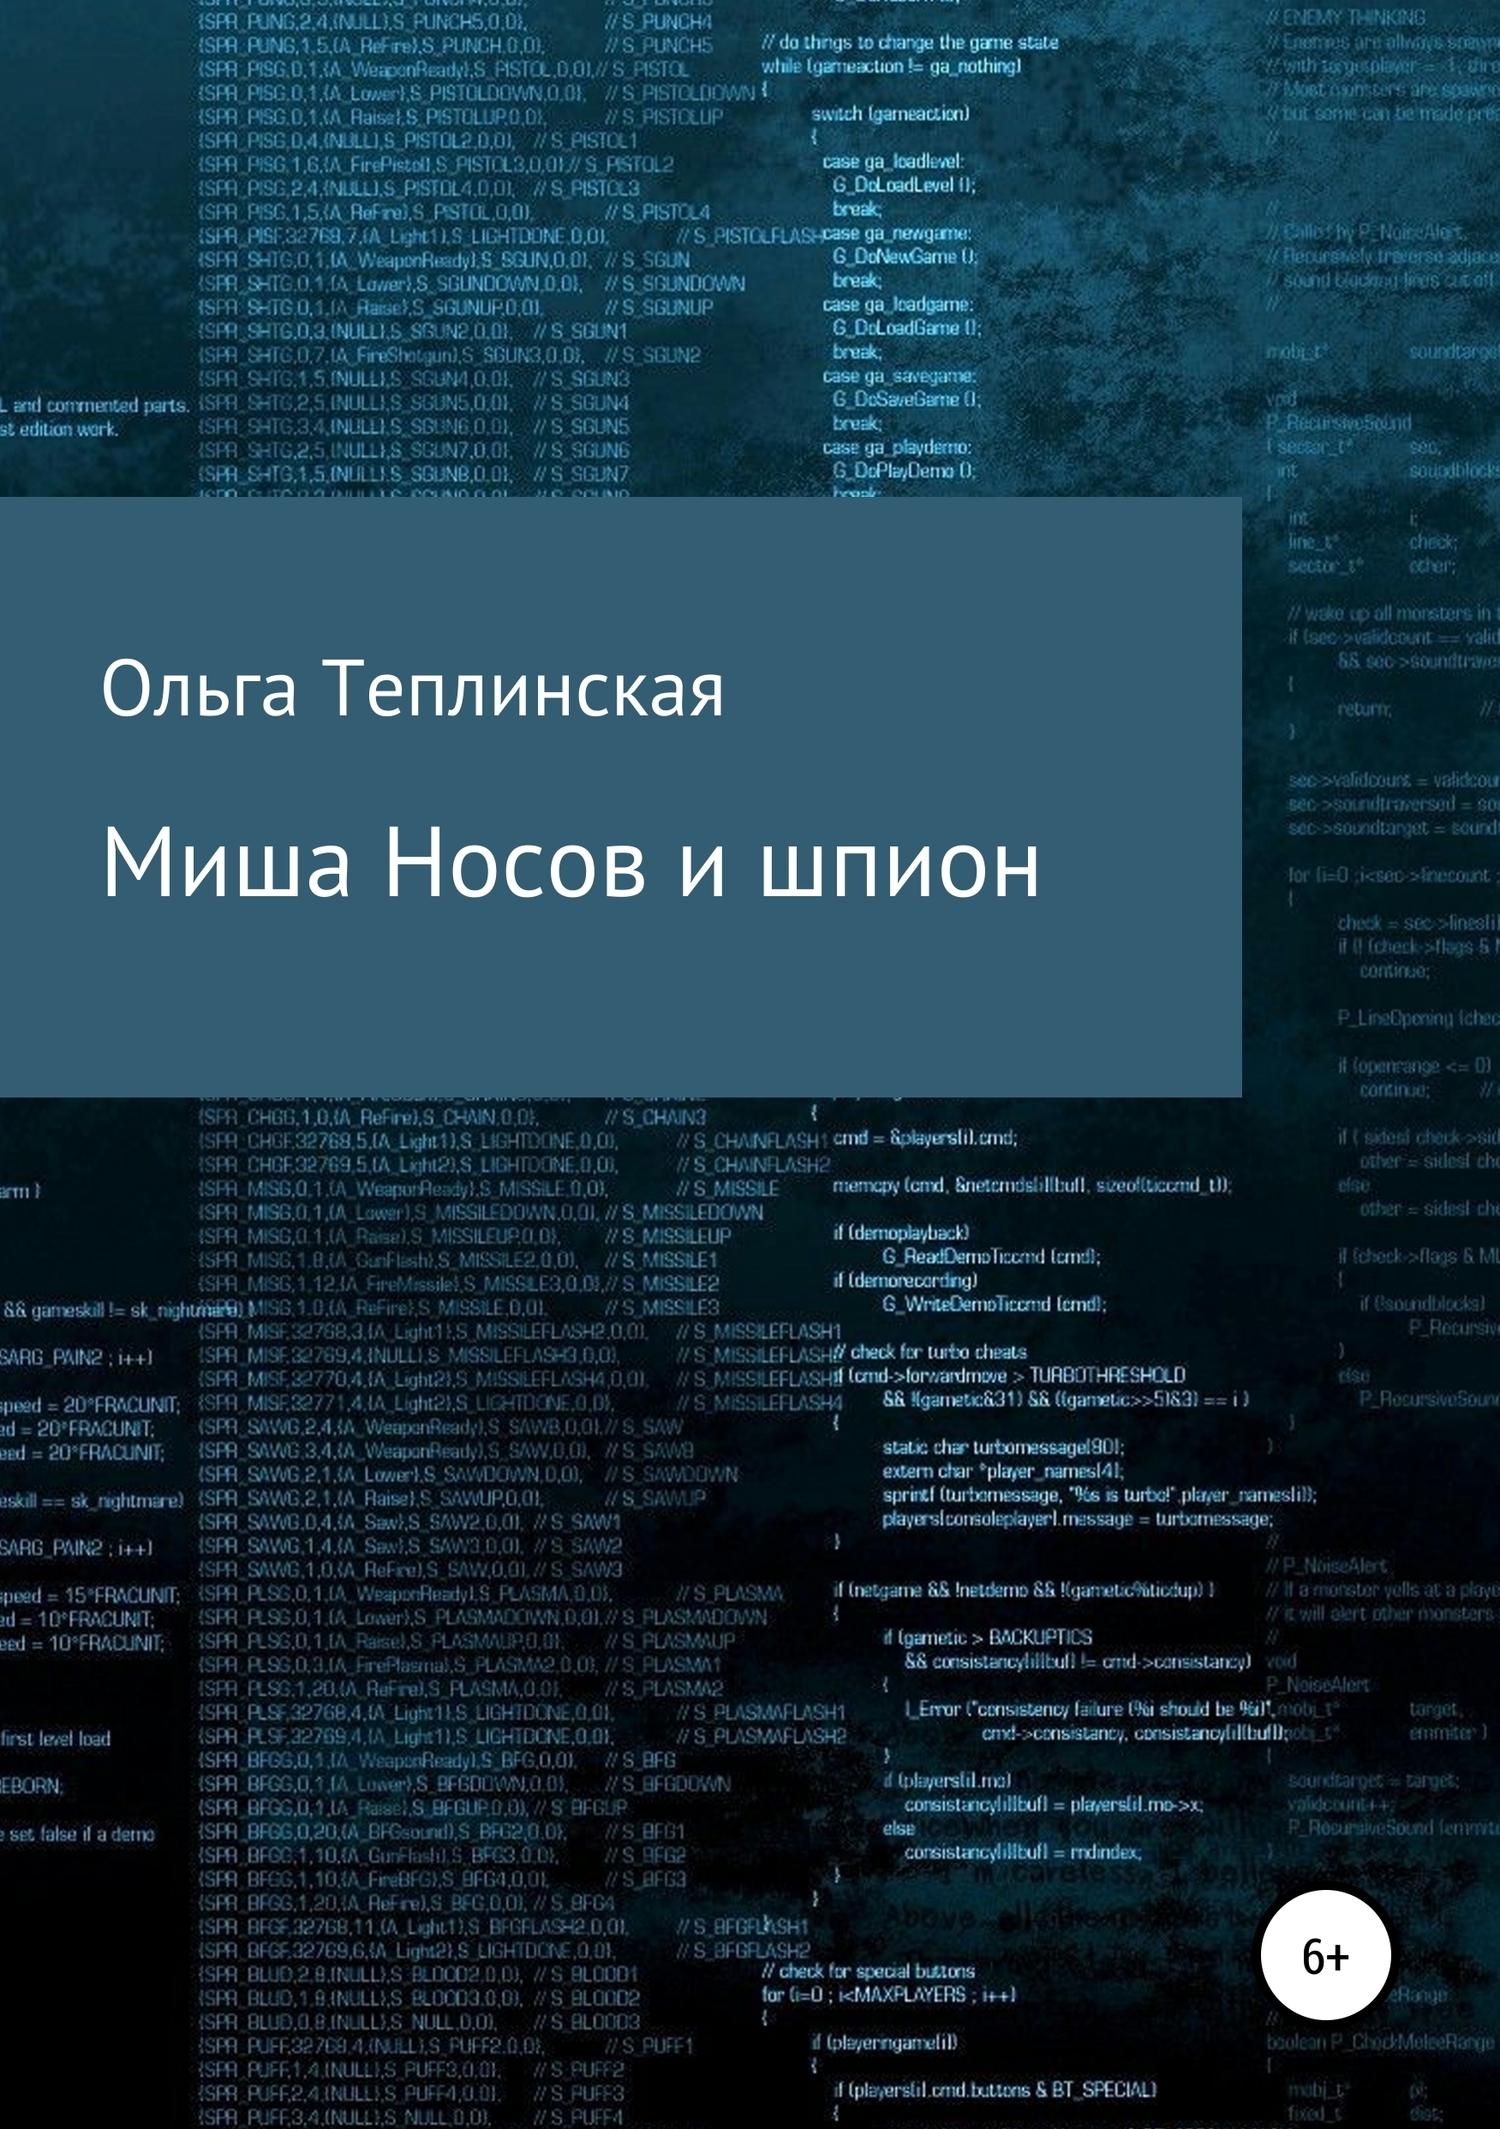 Миша Носов и шпион